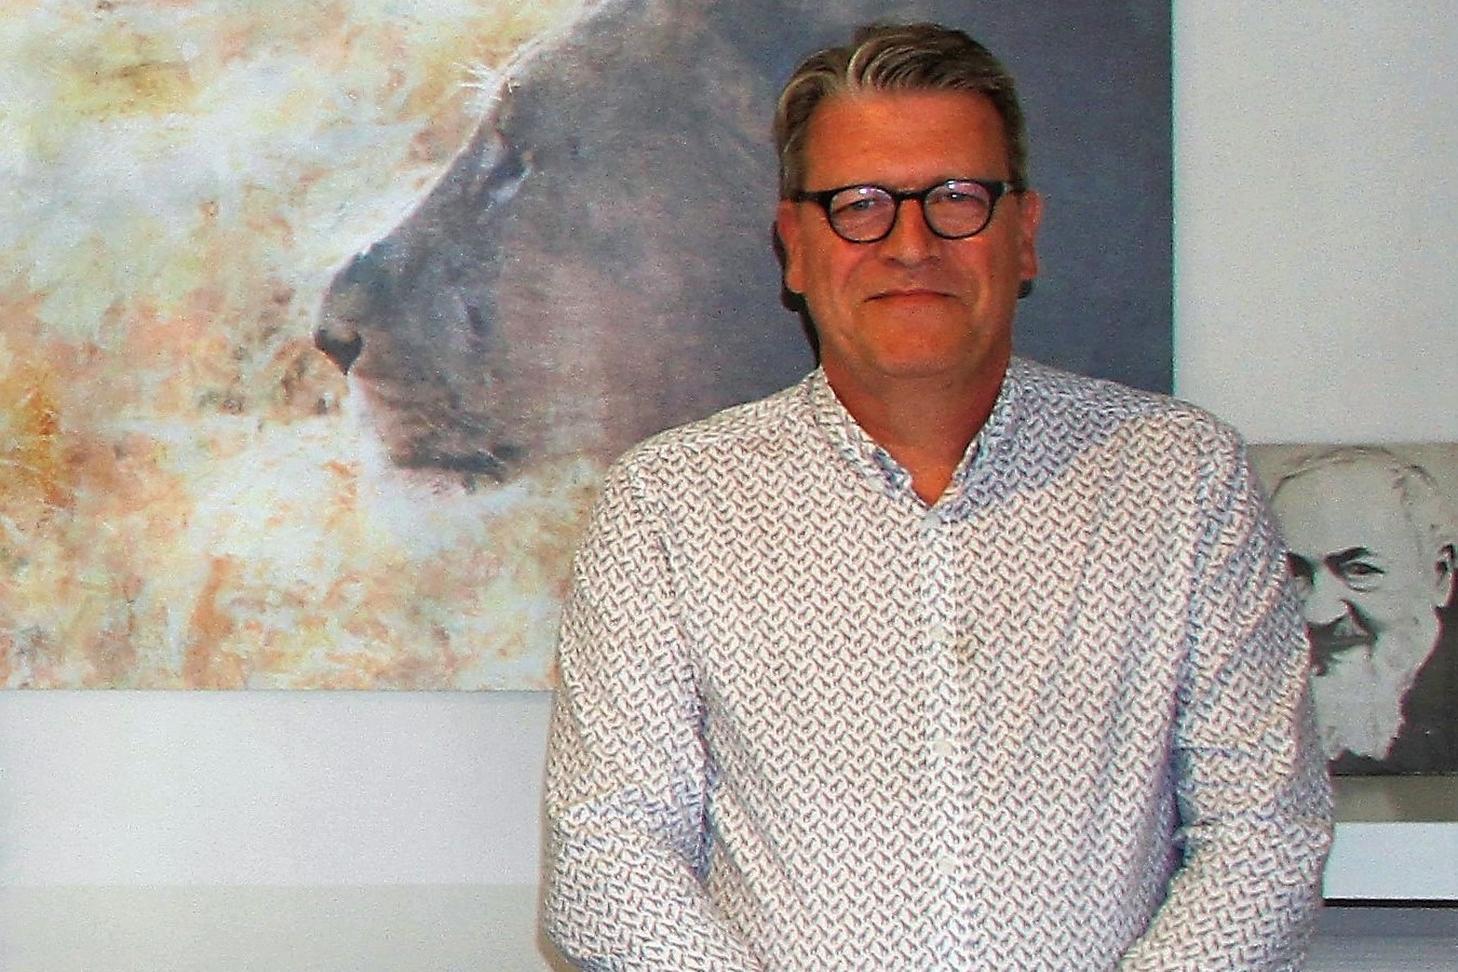 """Bart Debo exposeert werken in Hadlow: """"Met foto's iets unieks brengen"""" - Cultuur & media - KW"""